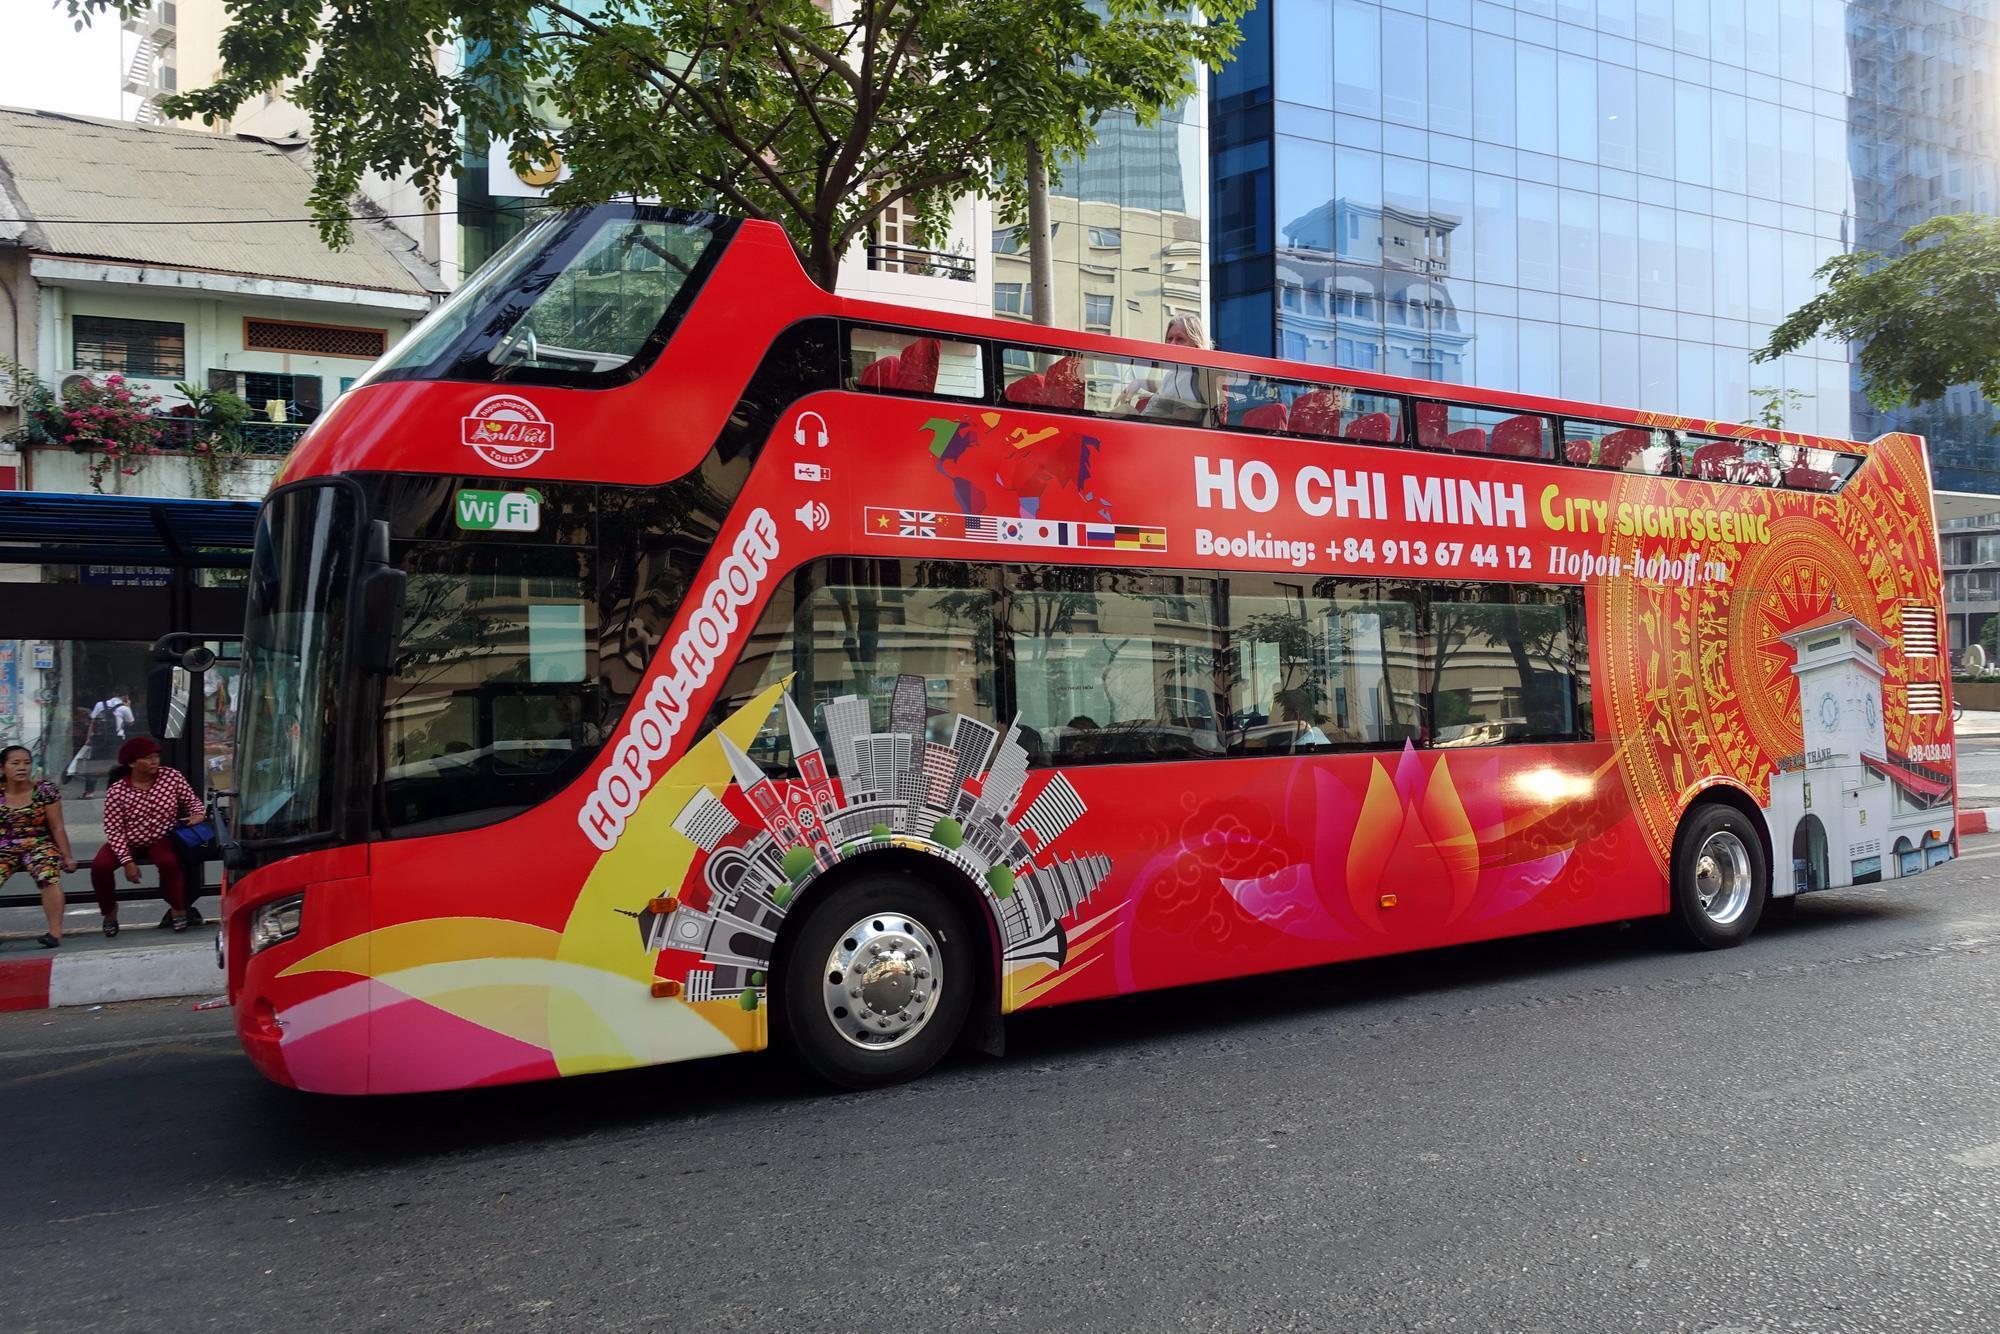 Khai trương tuyến xe buýt du lịch mui trần tham quan TP.HCM ảnh 1